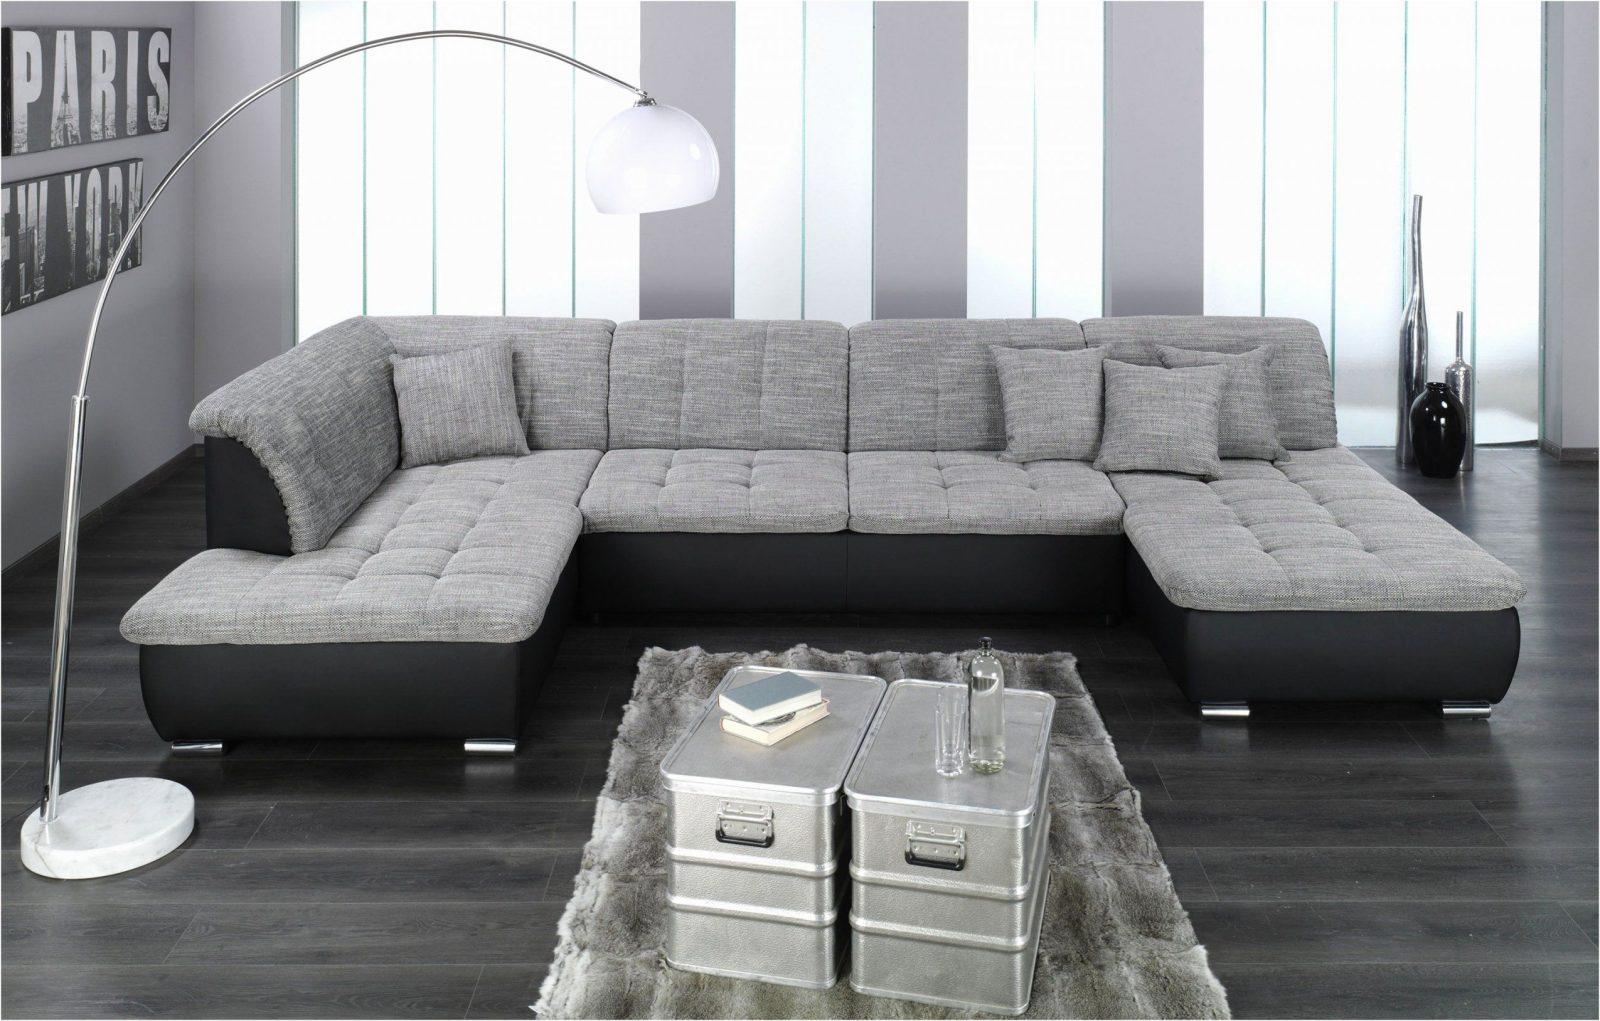 Xxl Sofa U Form Xxl Wohnlandschaft U Form Cosy Grau Weiß von Xxl Wohnlandschaft U Form Bild